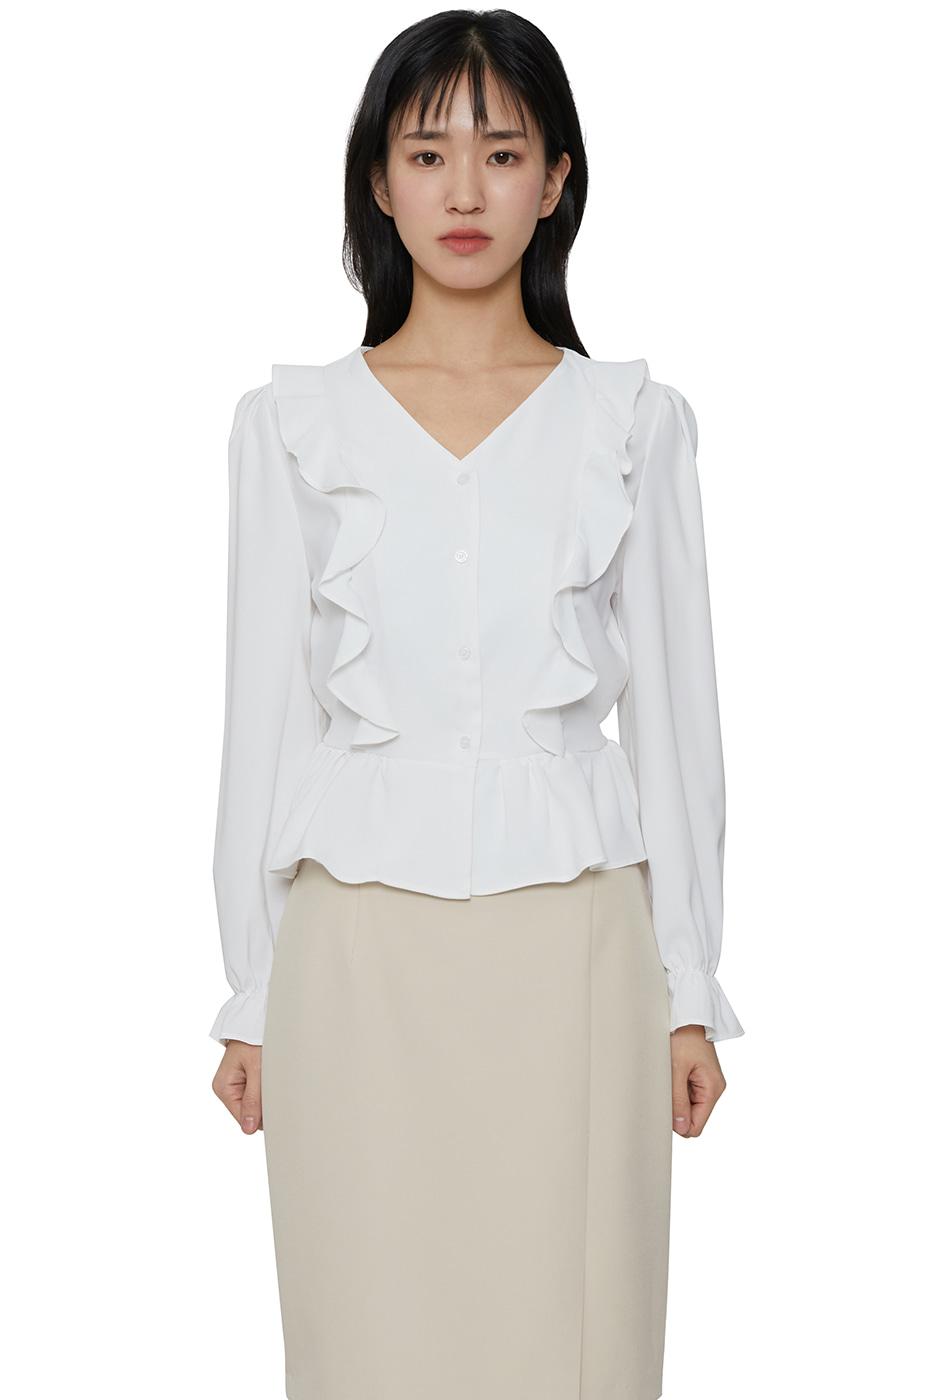 Girls ruffled V-Neck blouse